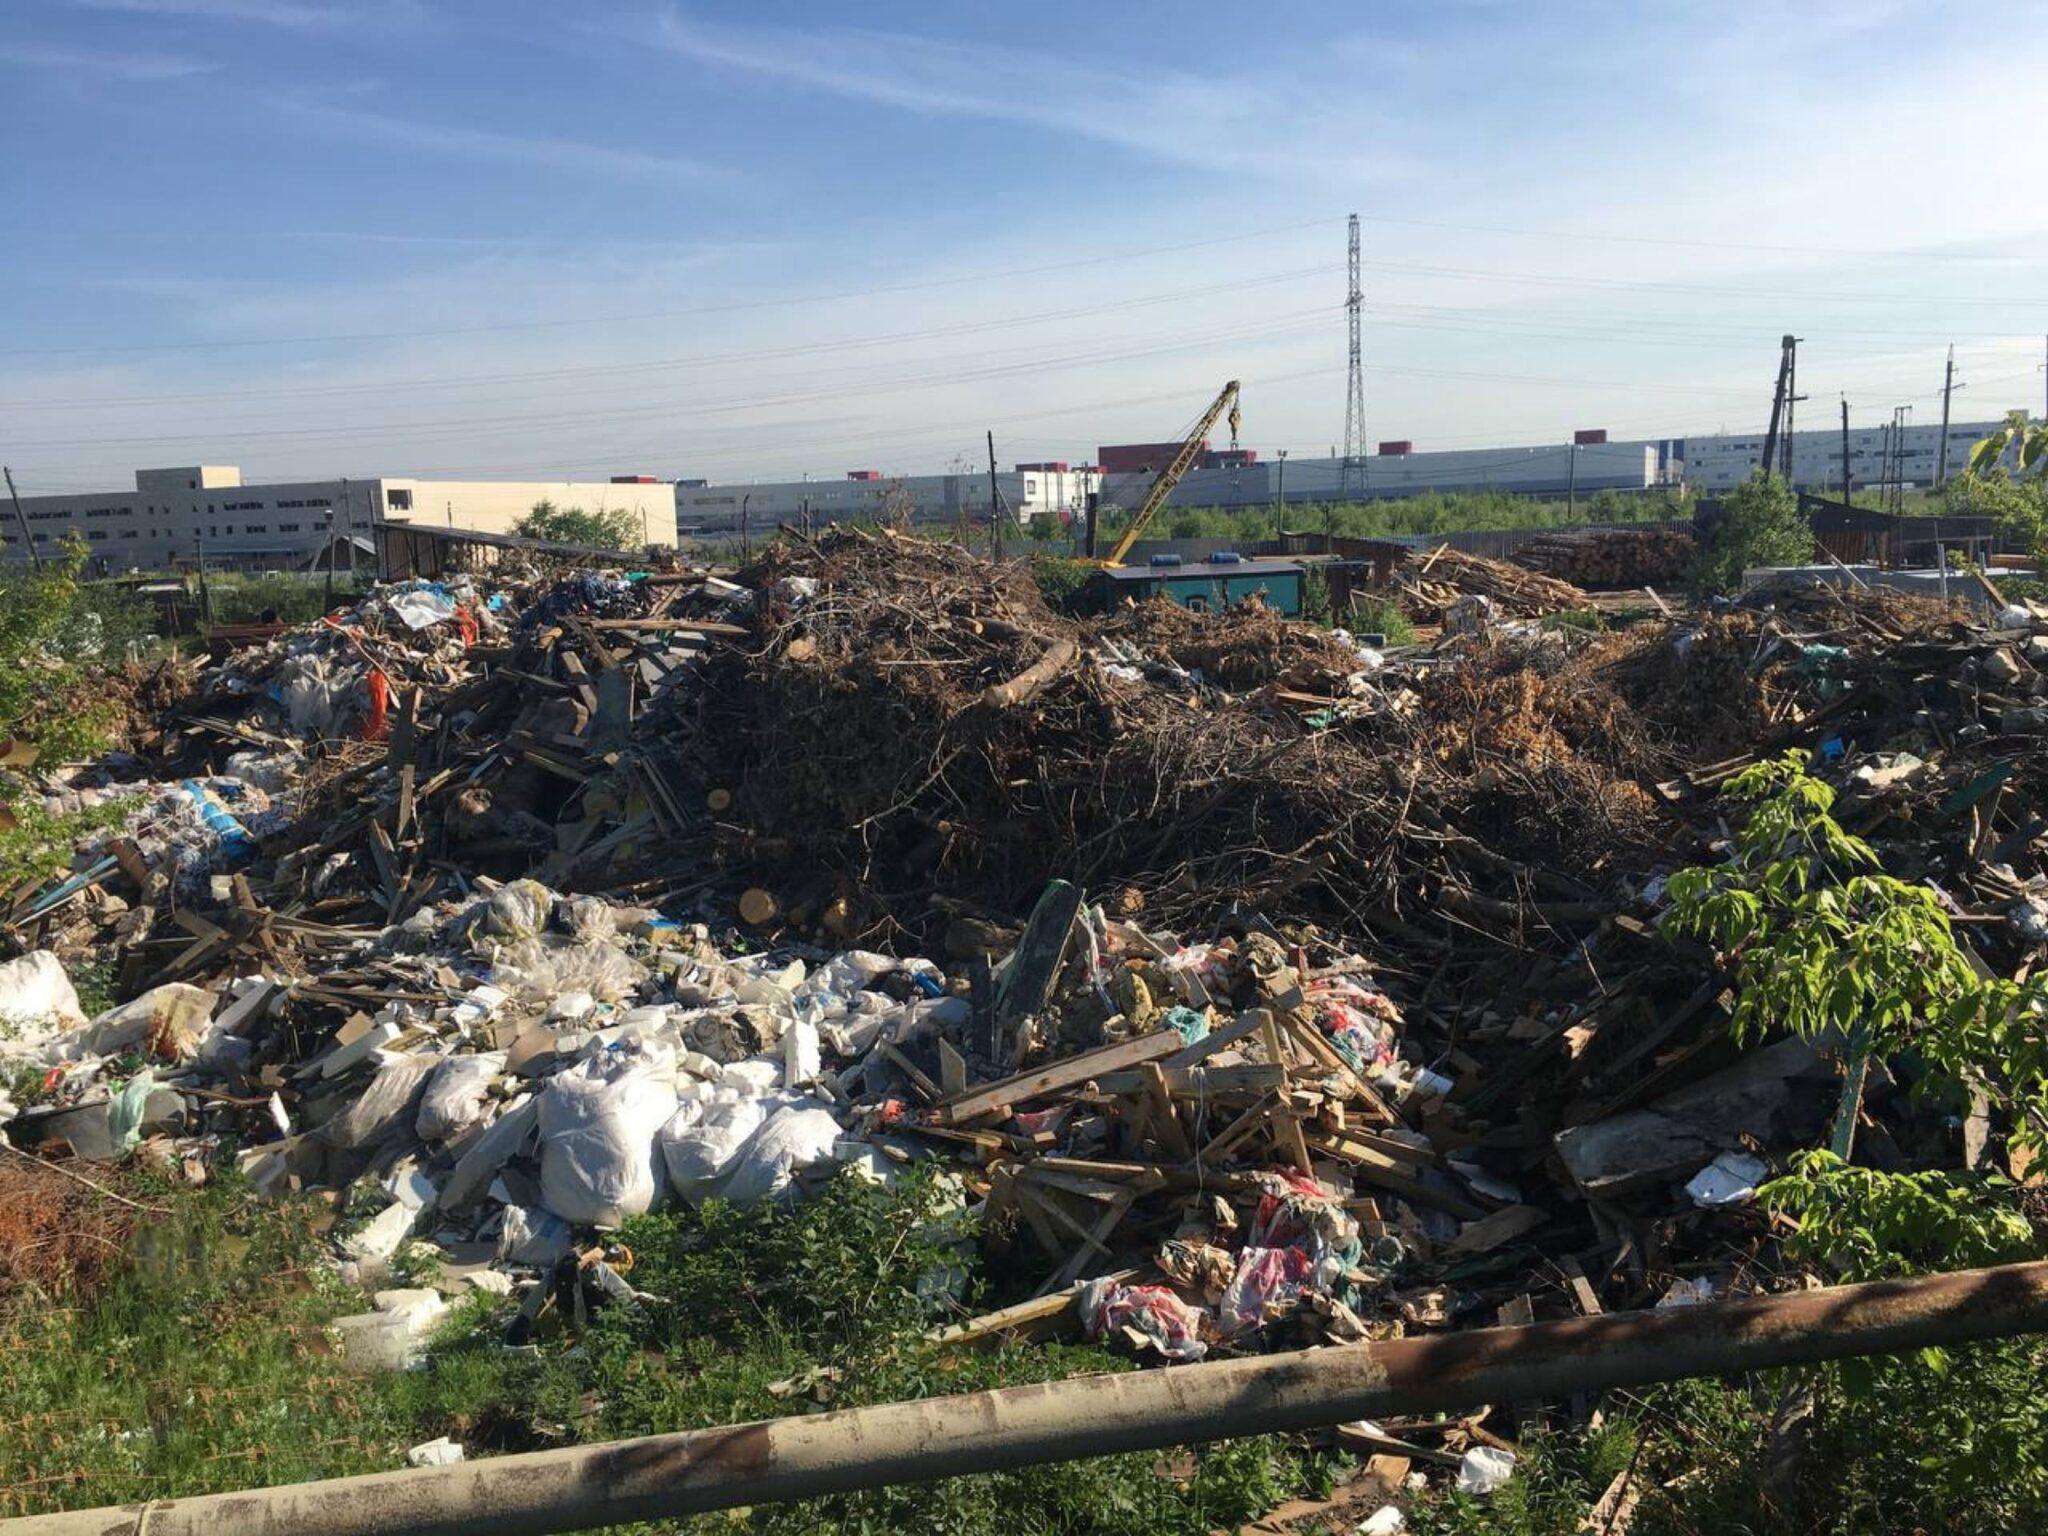 Свалку мусора ликвидировали благодаря обращению активистов Свердловского отделения Российского экологического общества